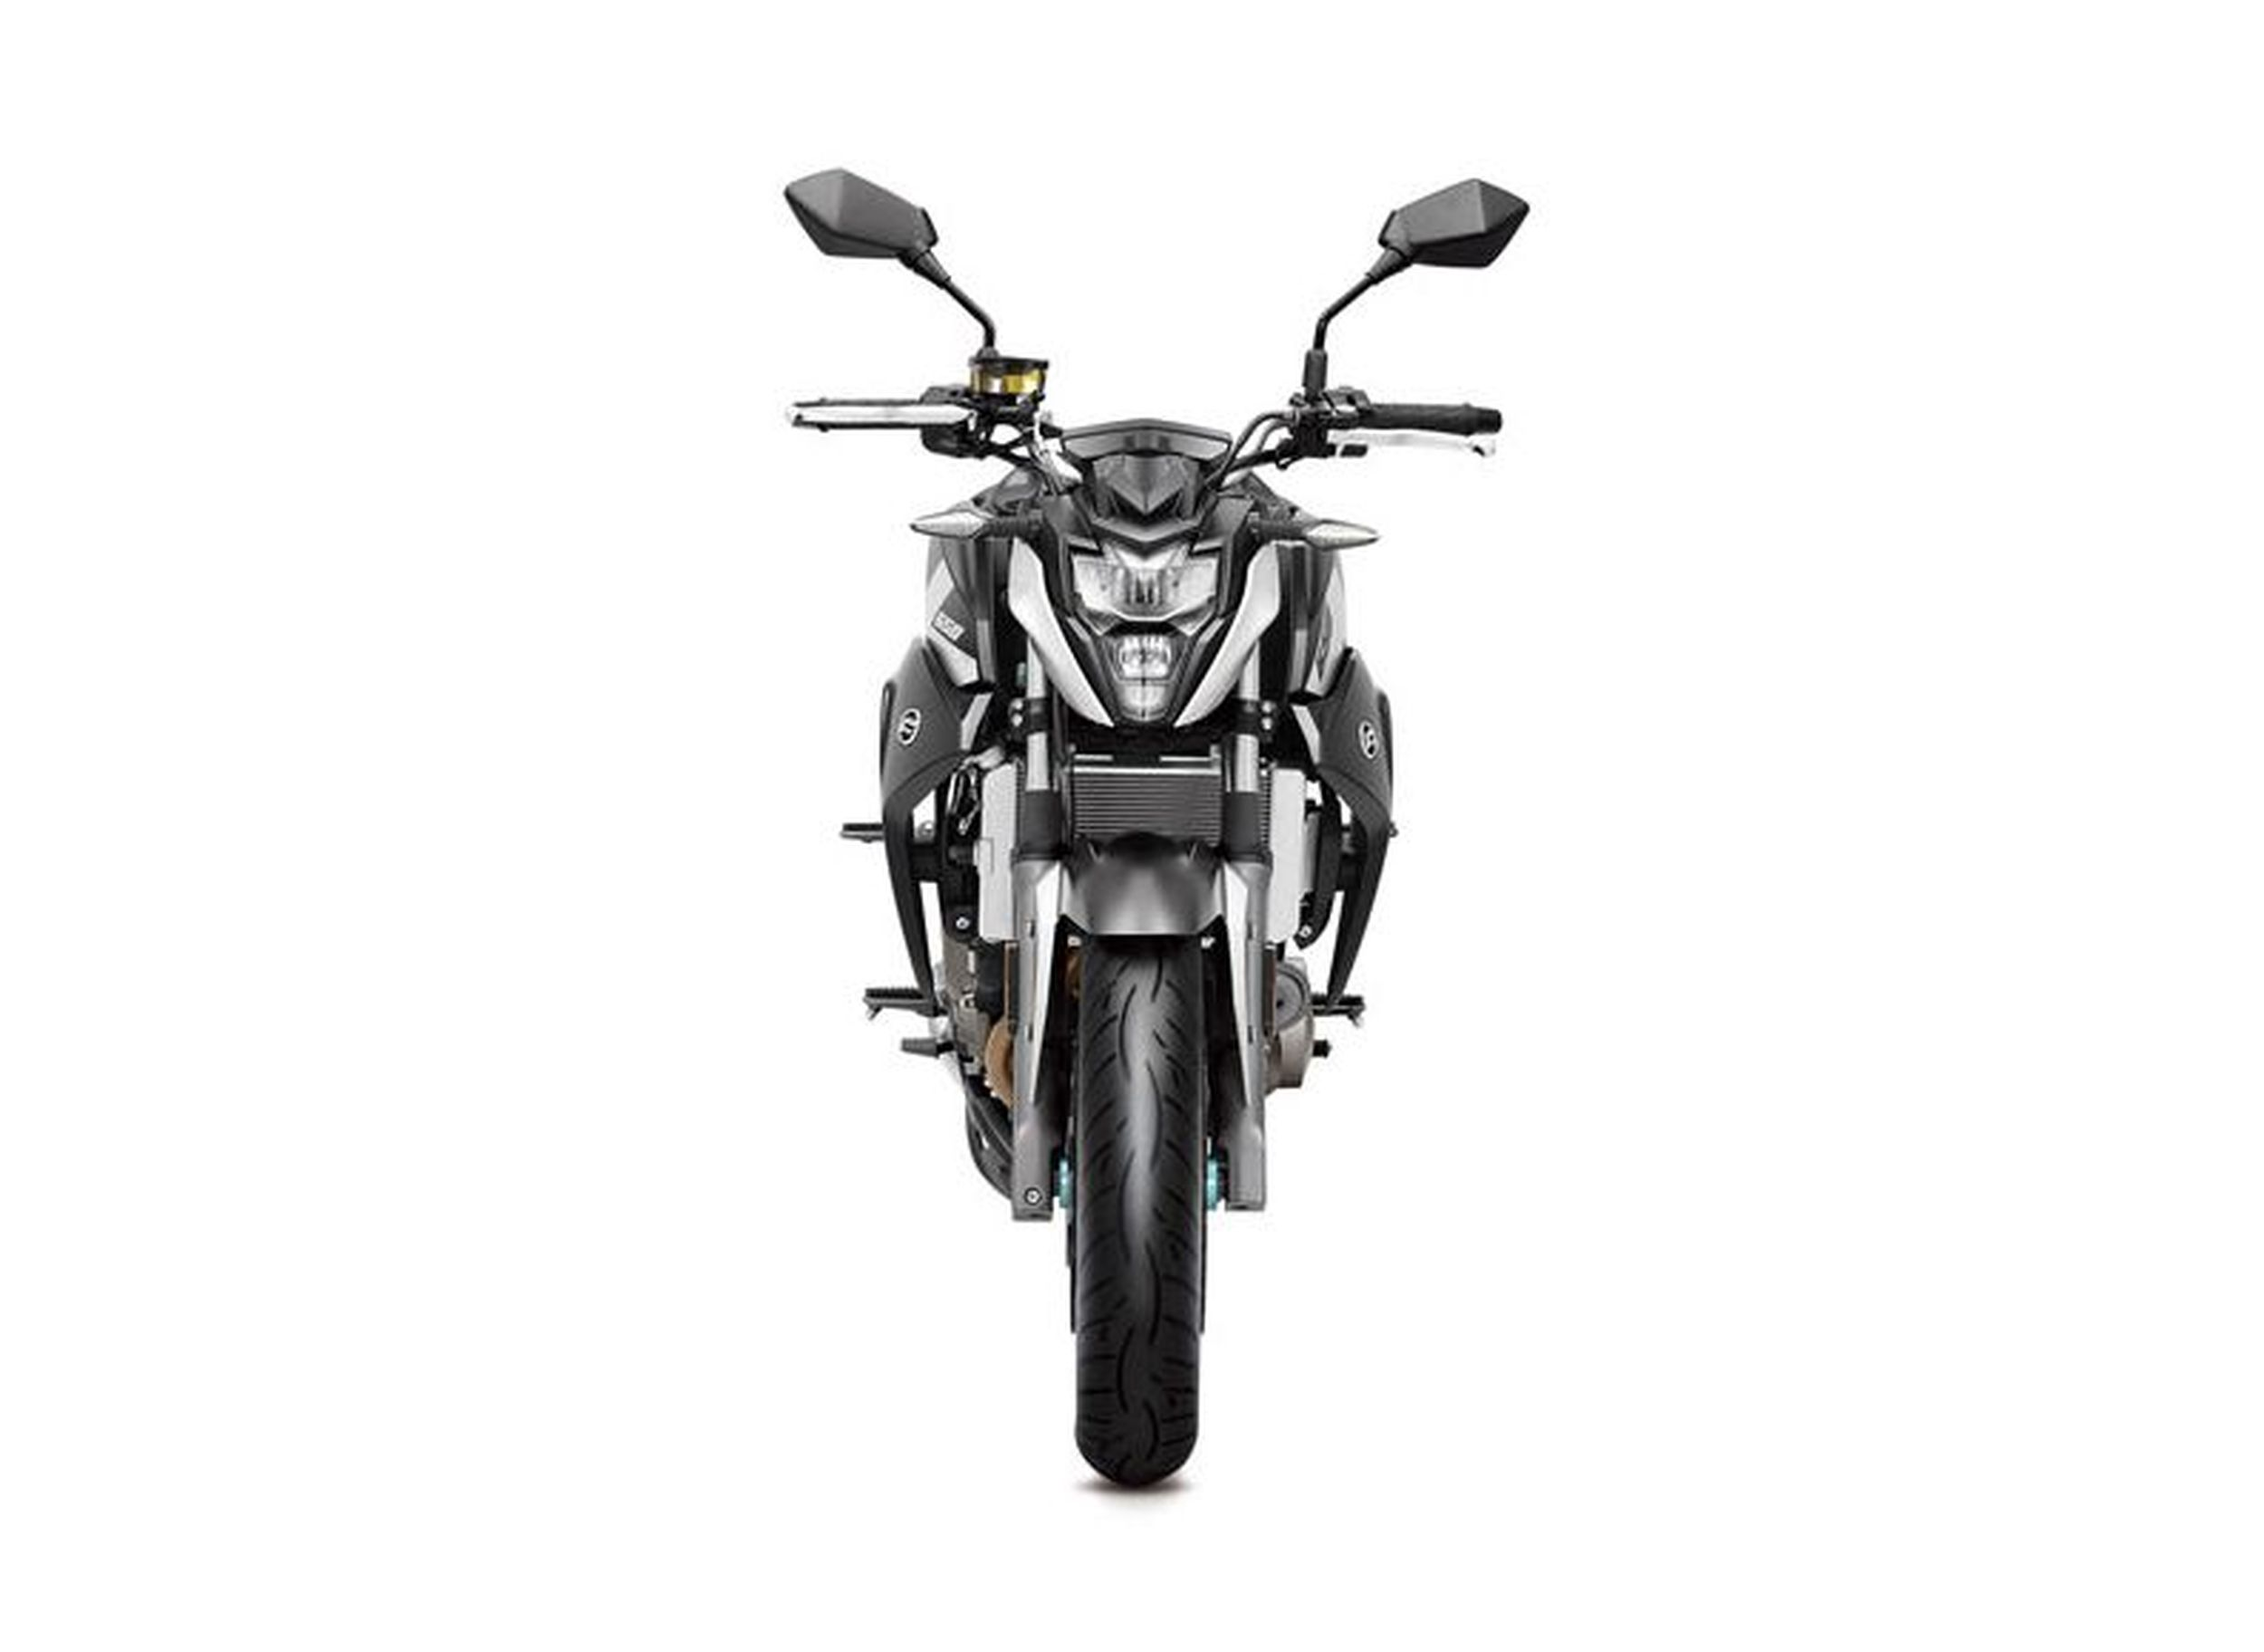 Gebrauchte CF-Moto 650 TK Motorräder kaufen